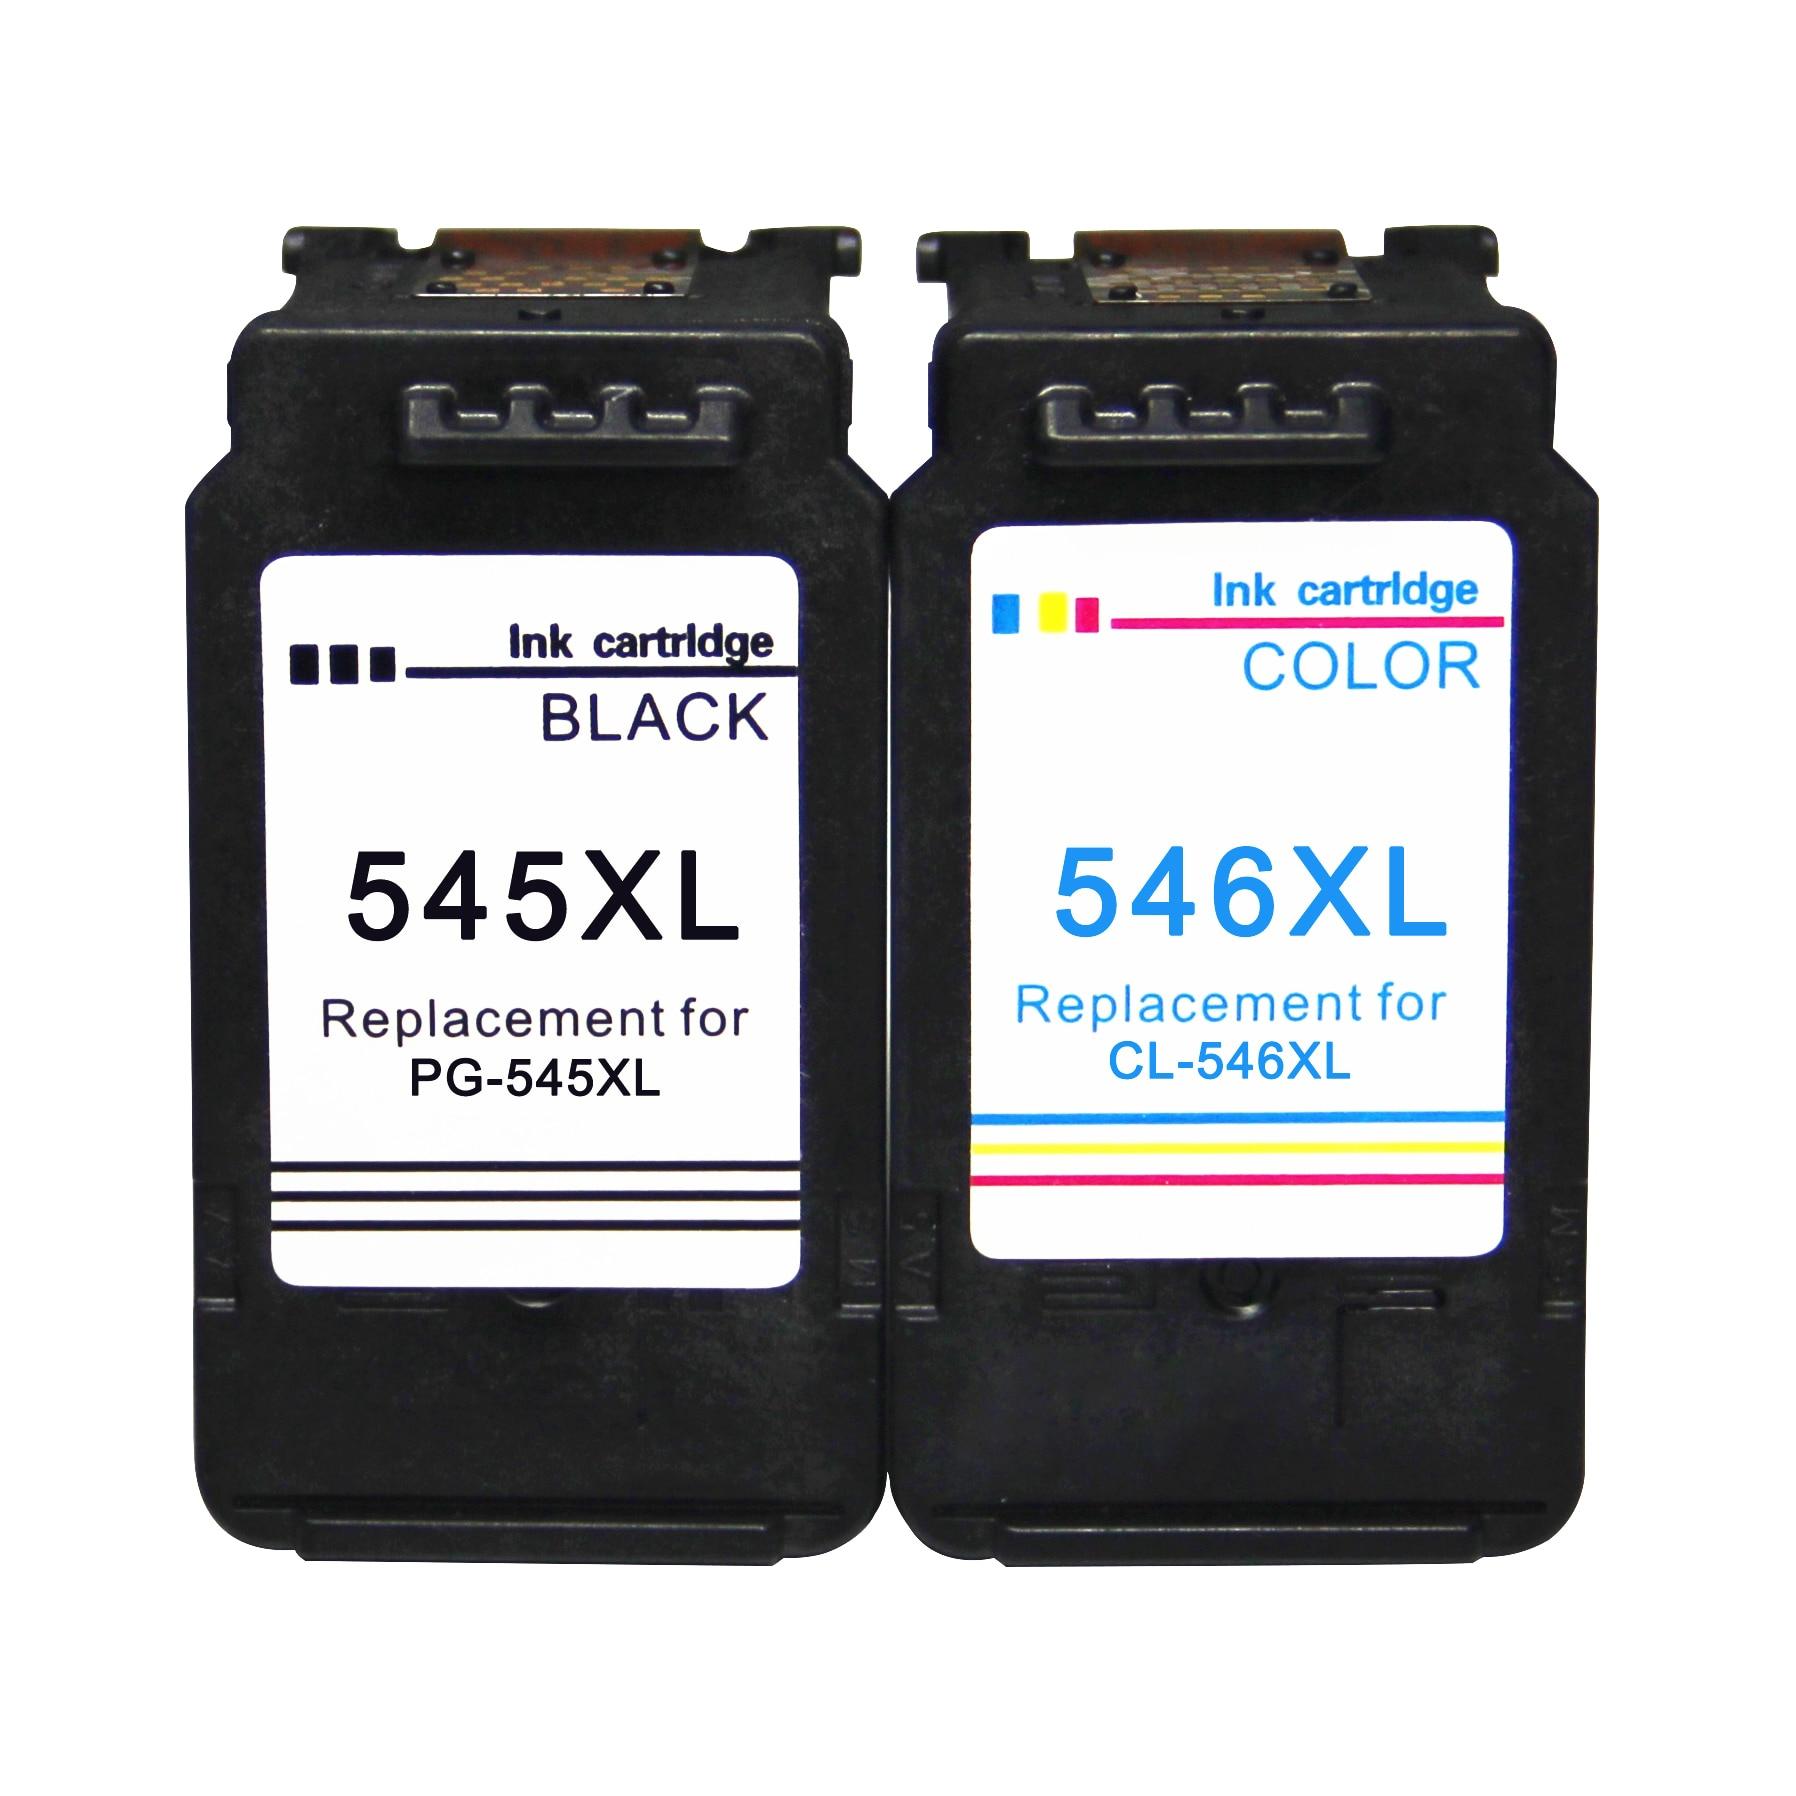 PG545 CL546 XL ink cartridges replacement for Canon PG-545 pg 545 CL-546 for Canon IP2850 MX495 MG2950 MG2550 MG2500 MG3050 эпштейн сеймур от кускуса к каше репортаж с театра еврейских общинных действий